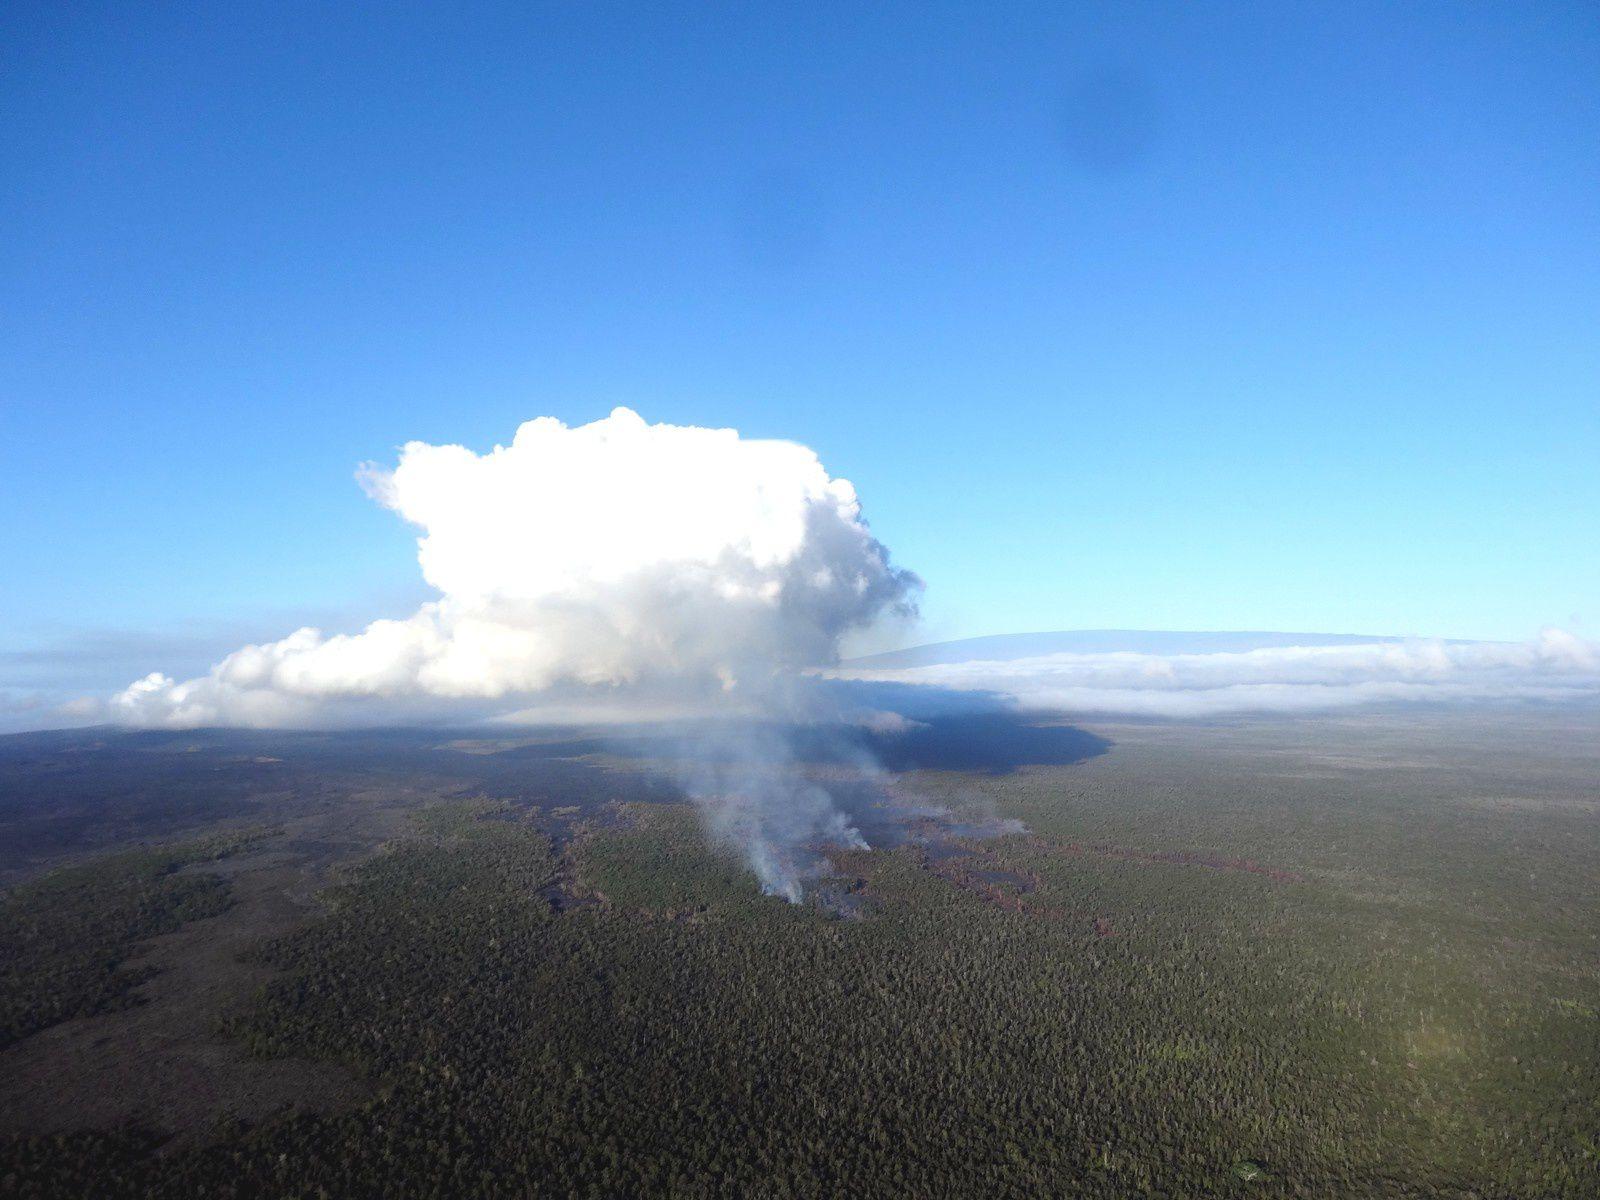 Front de la coulée Kahauale'a 2 , avec émission de fumée au niveau des feux engendrés. On aperçoit la Mauna Loa en arrière-plan - photo HVO / USGS / 20.02.2014